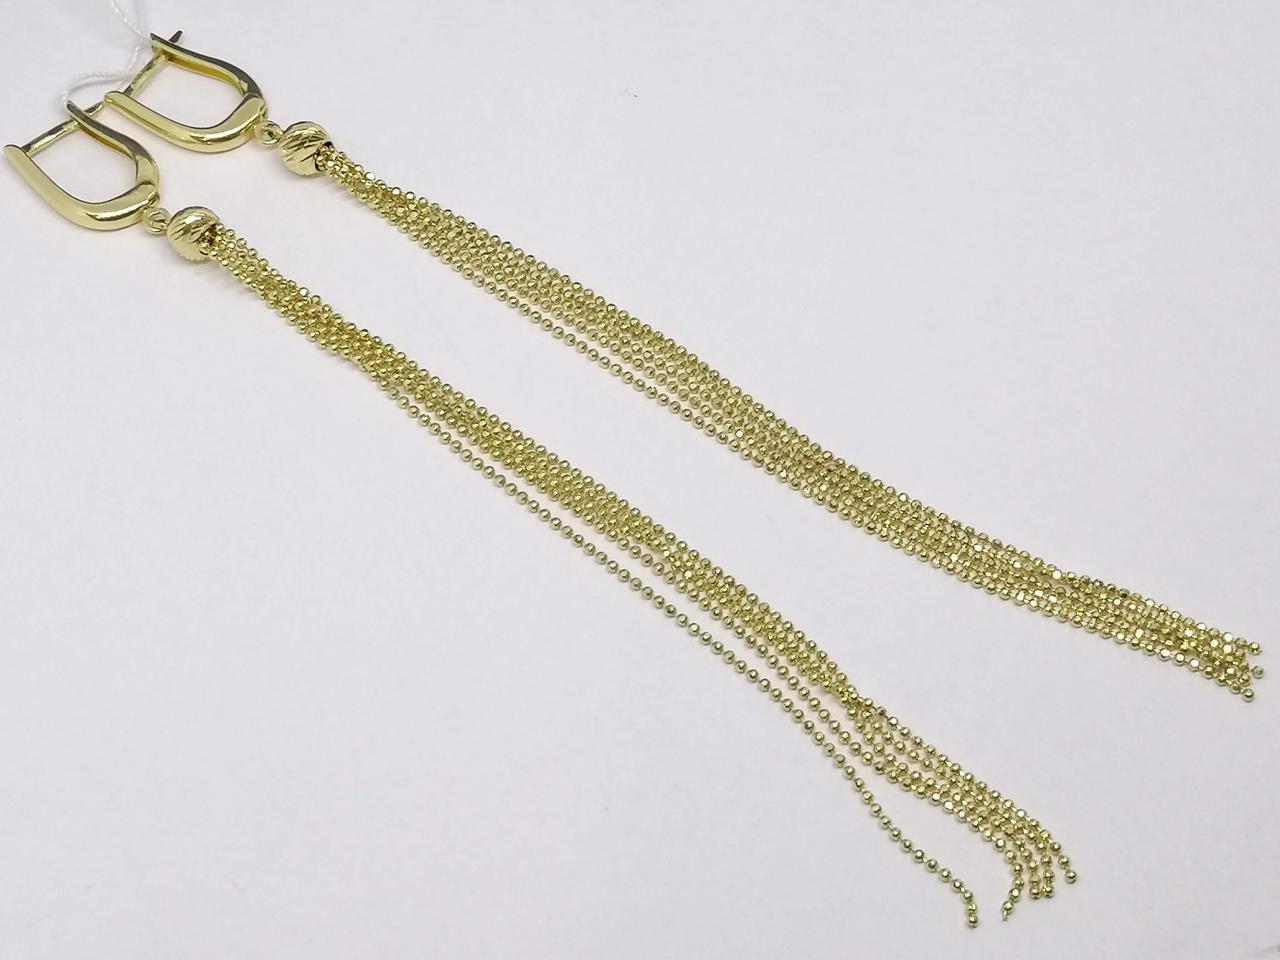 Золоті сережки. Артикул 105951Ж